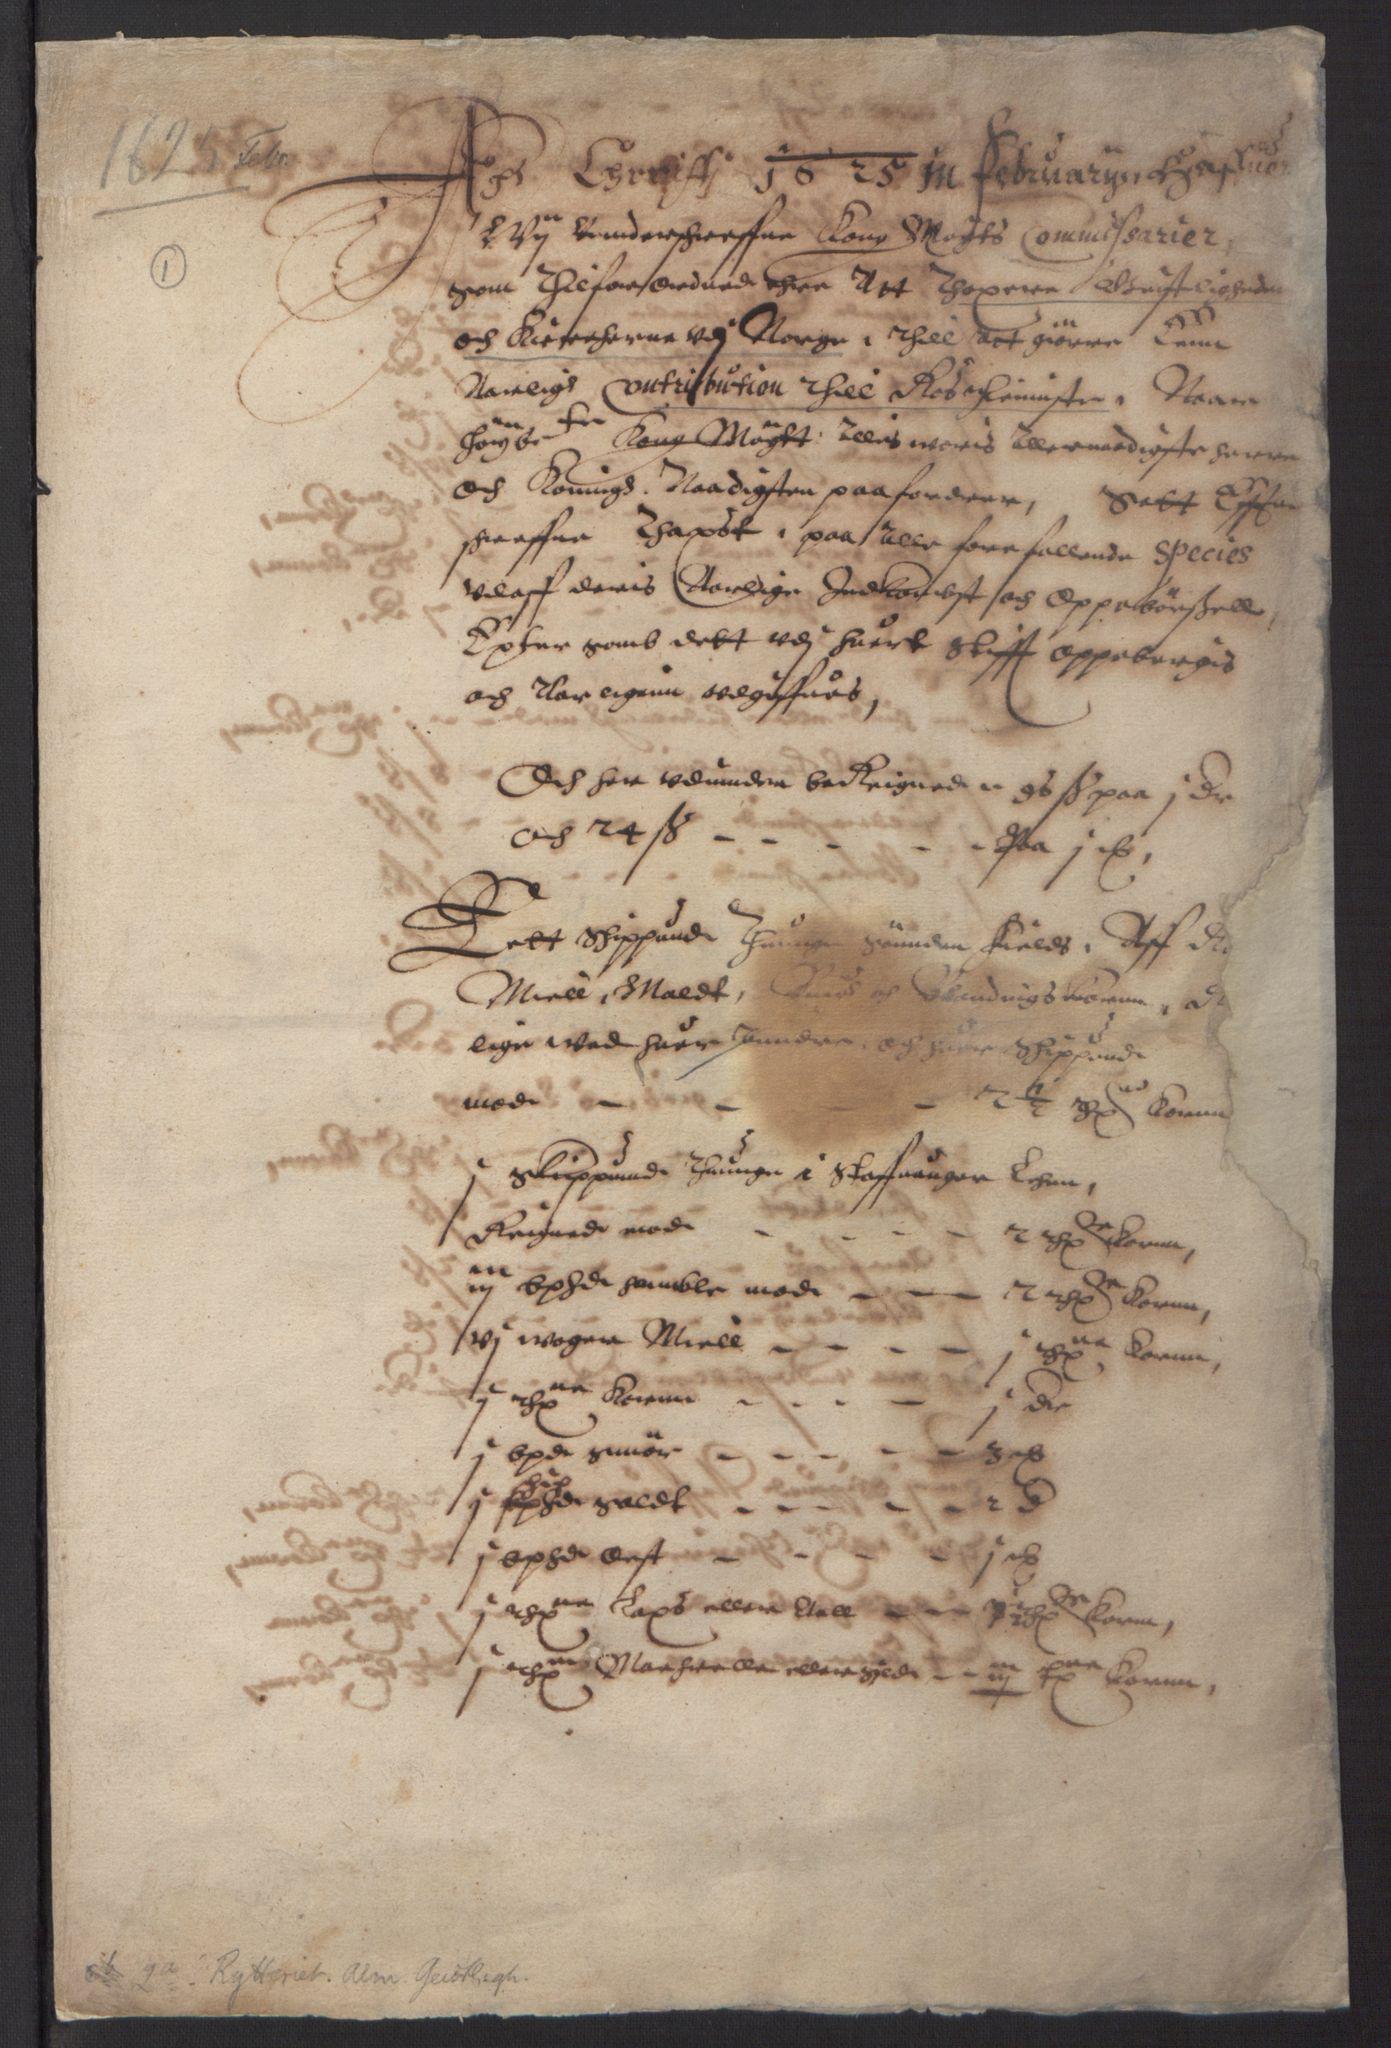 RA, Stattholderembetet 1572-1771, Ek/L0016: Jordebøker til utlikning av rosstjeneste 1624-1626:, 1625, s. 3